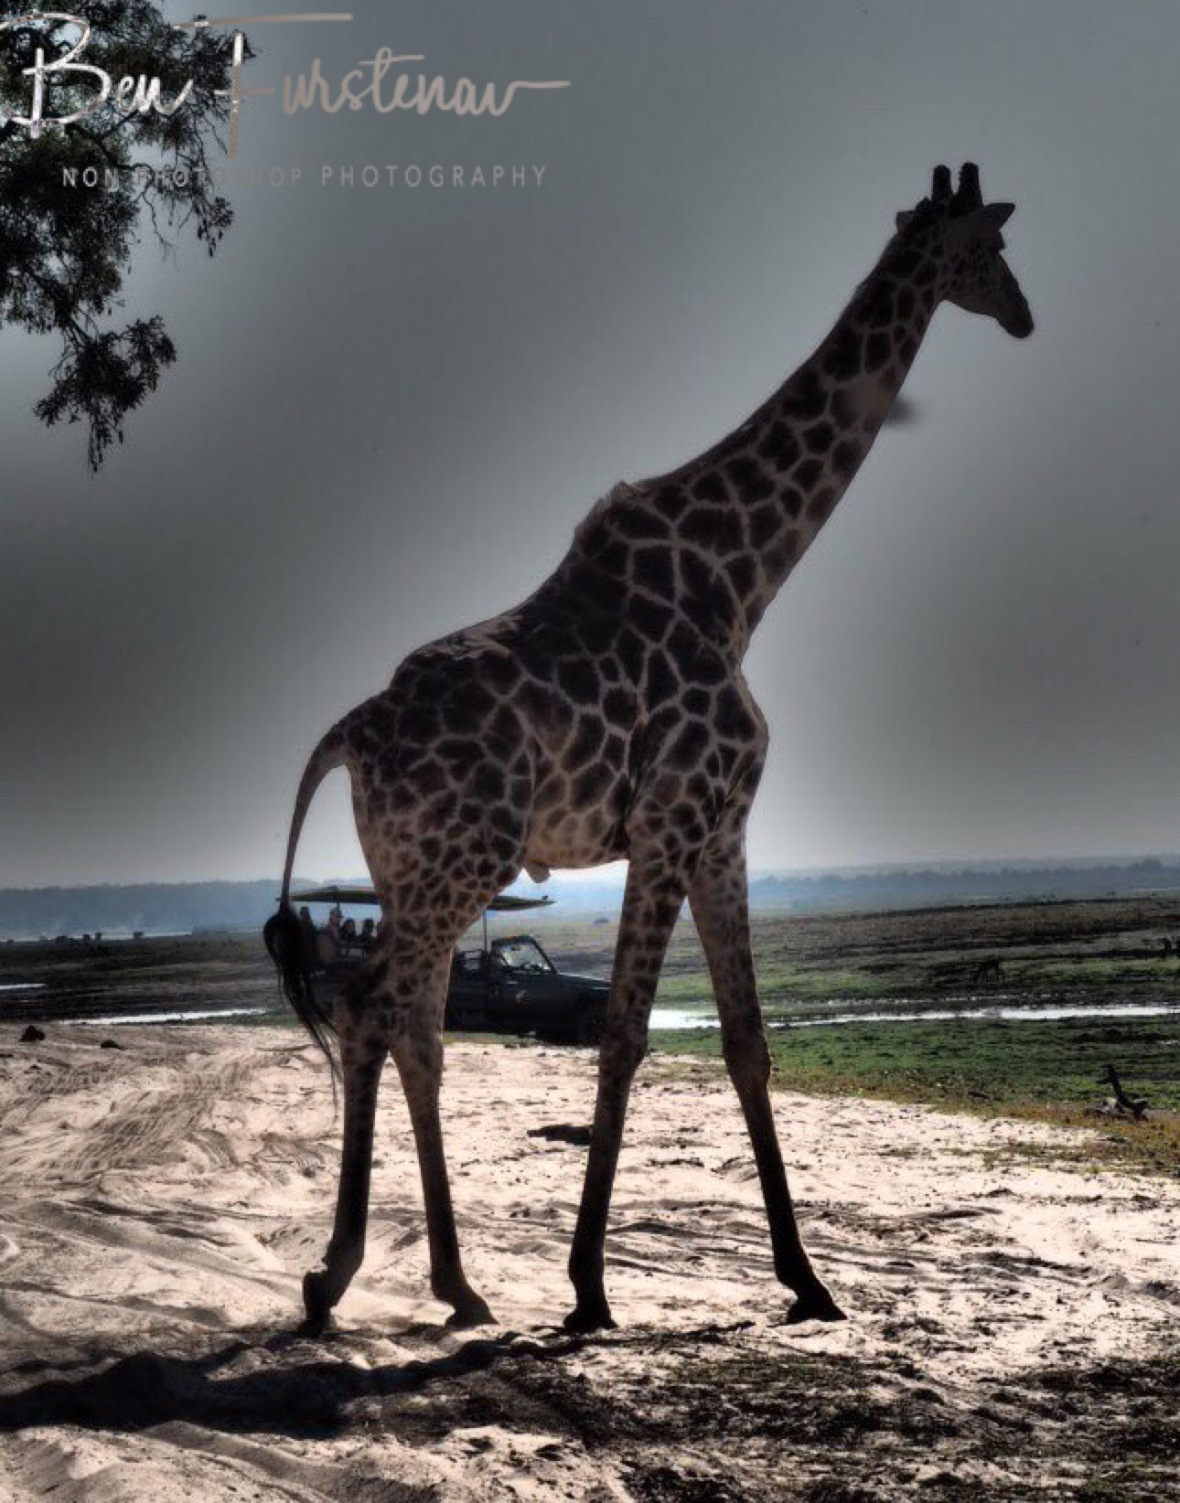 Hard task to shoot photos without vehicles, Chobe National Park, Botswana